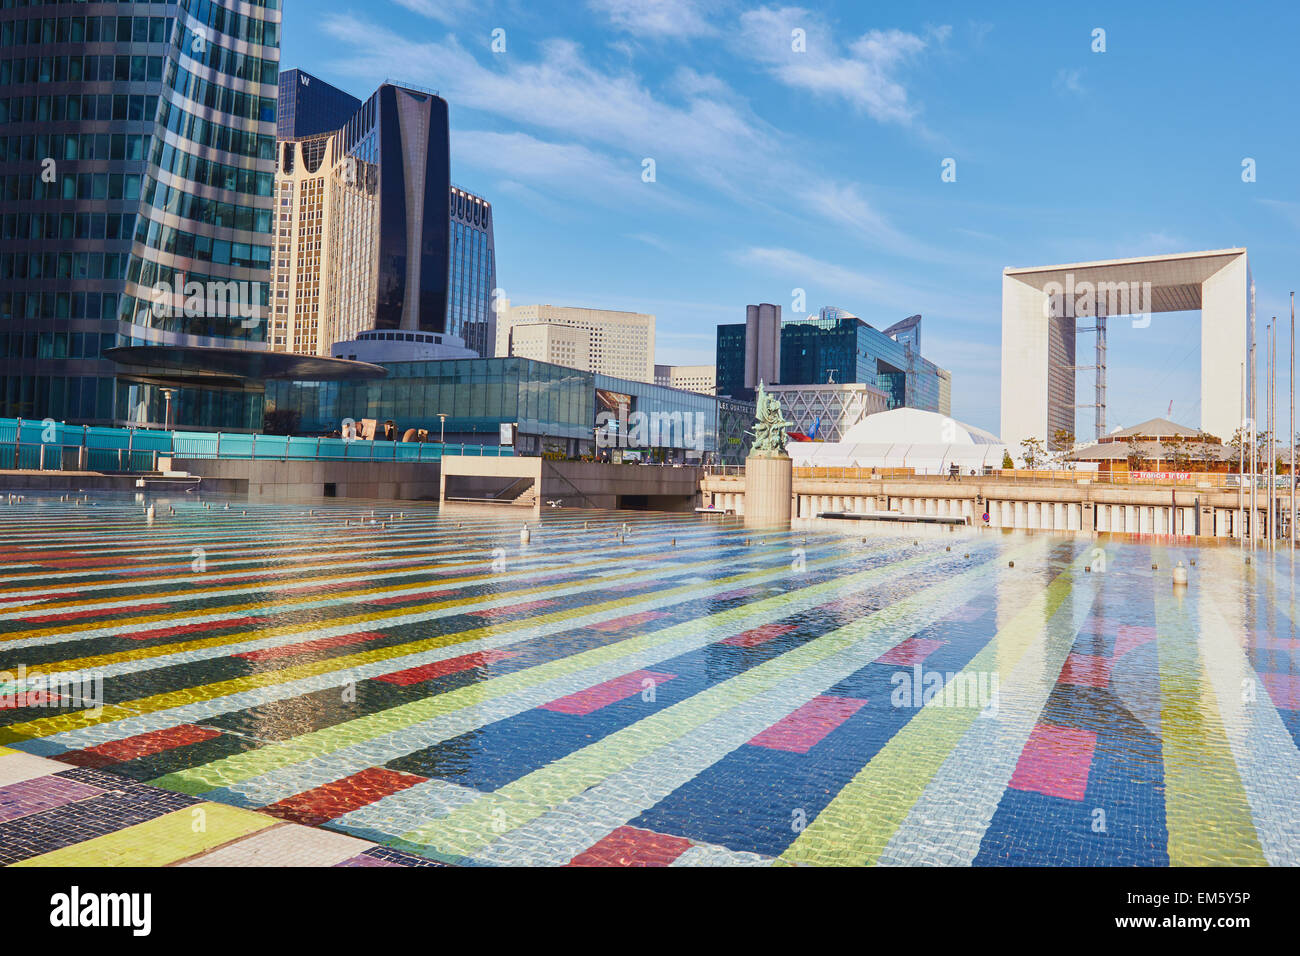 Del distrito de negocios de La Défense Grande Arche con el en su centro París Francia Europa Imagen De Stock